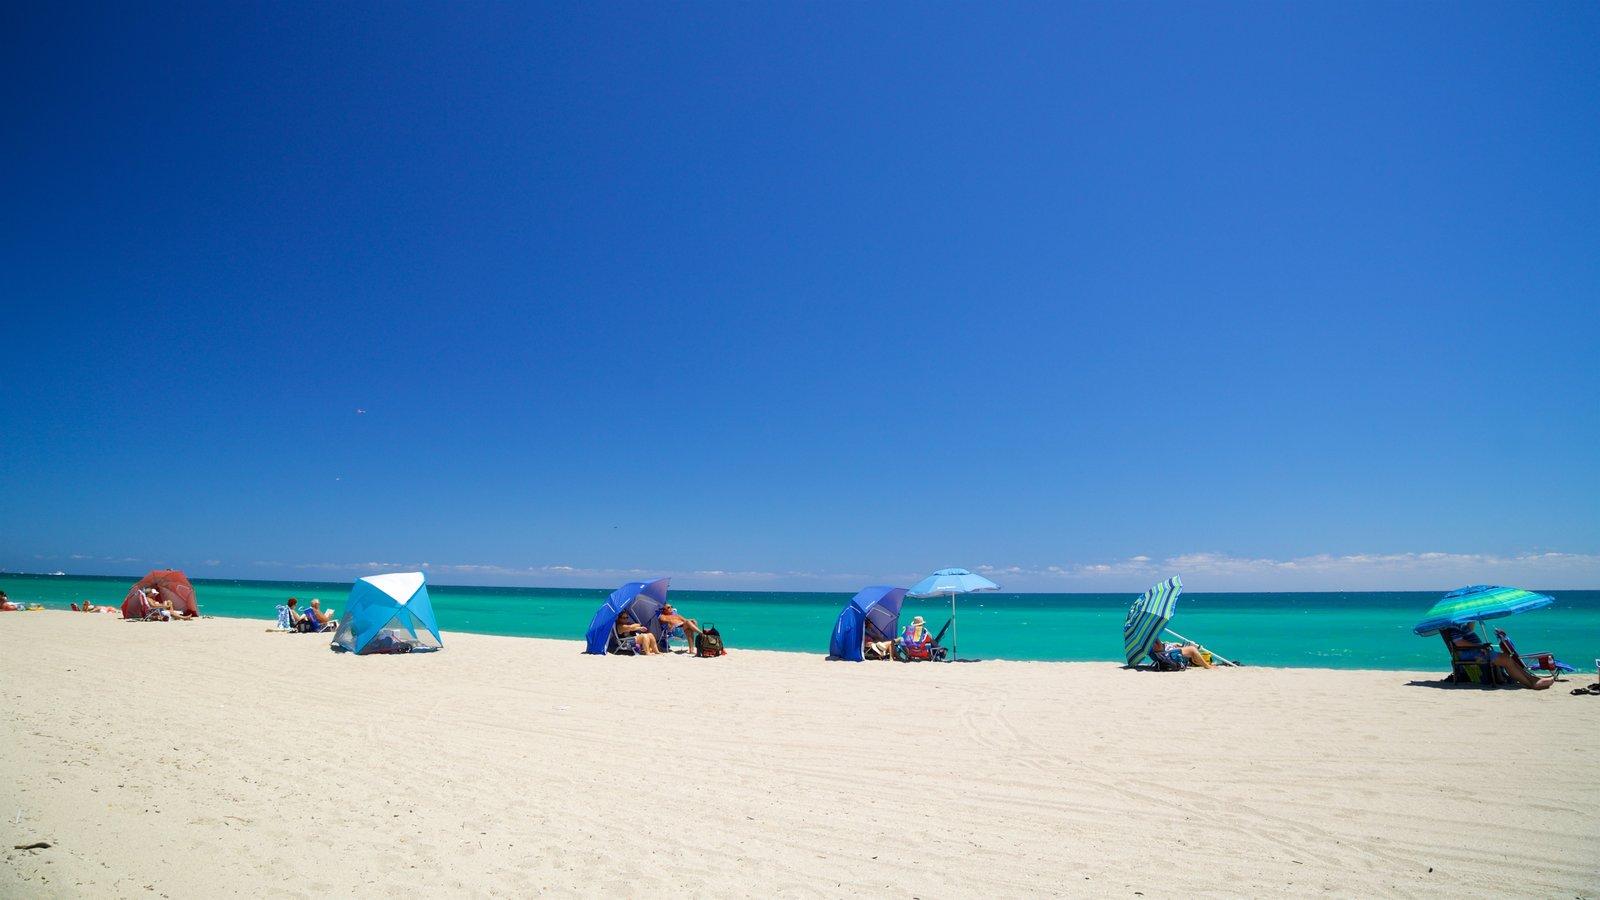 Hollywood North Beach Park caracterizando paisagens litorâneas e uma praia de areia